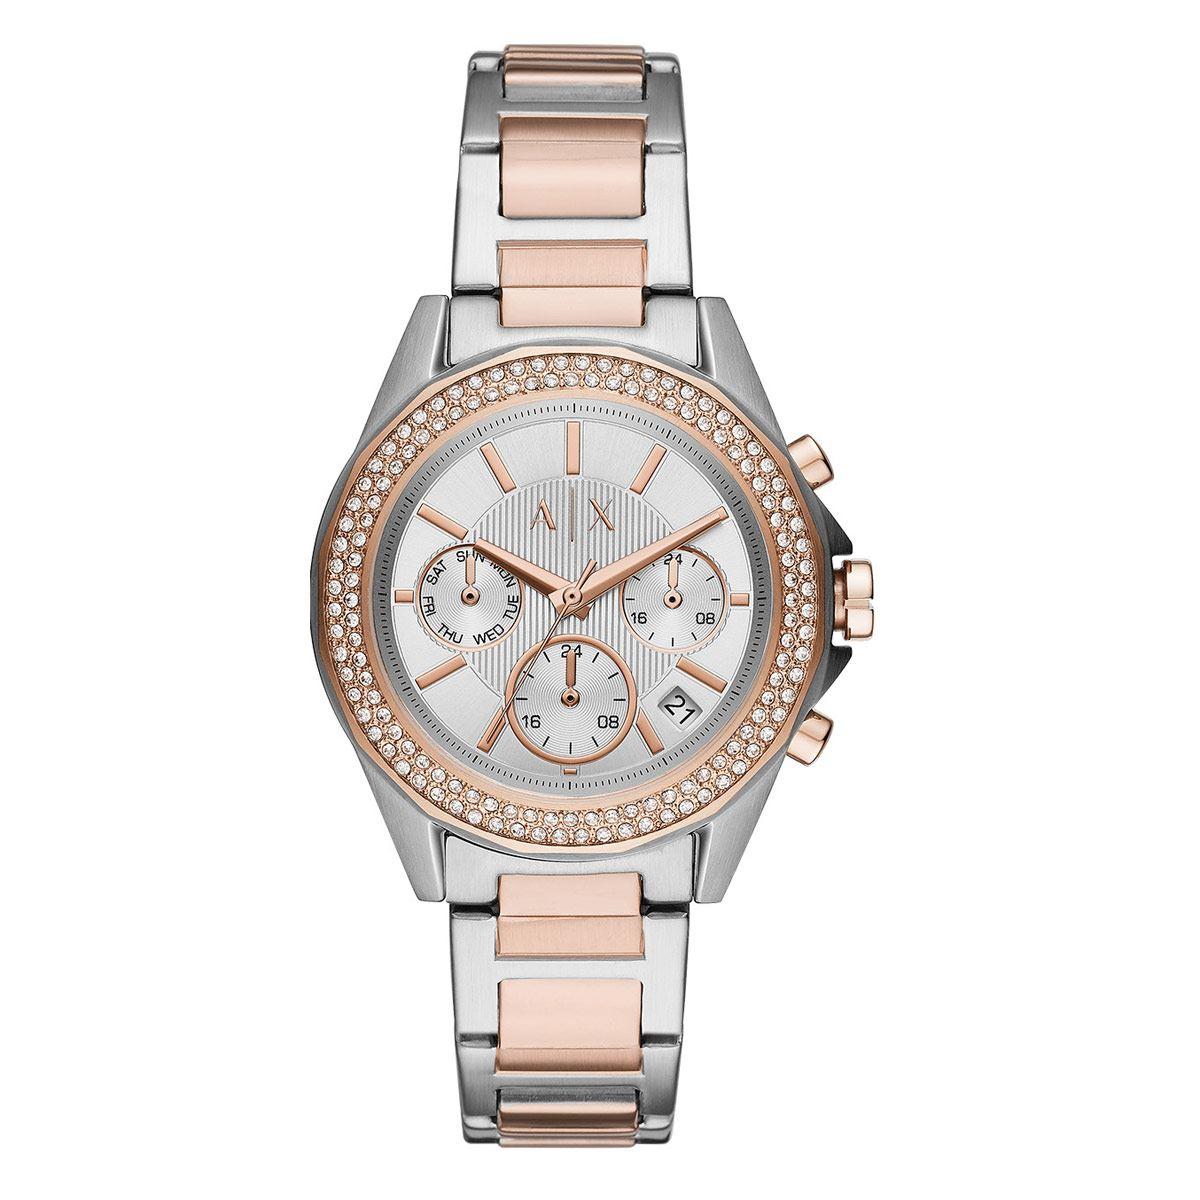 Reloj Armani Exchange Lady Drexler Multicolor AX5653 Para Dama